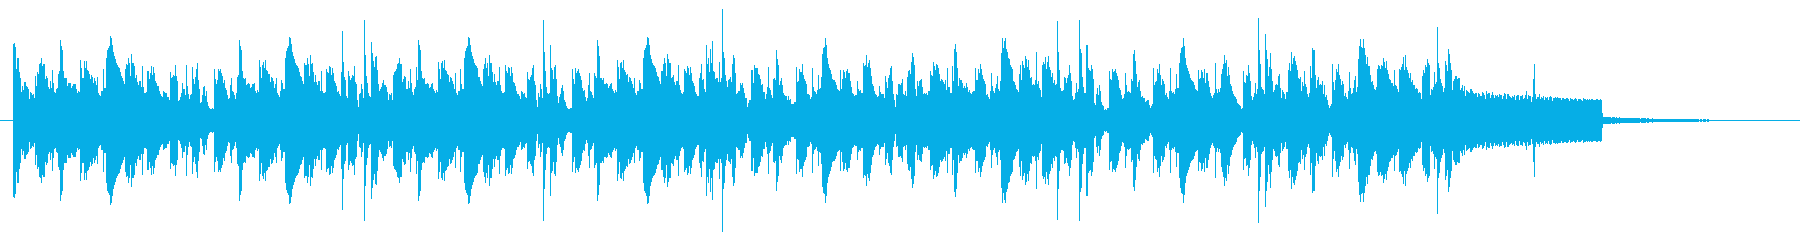 ジャズ風アレンジのオルガンBGMの再生済みの波形